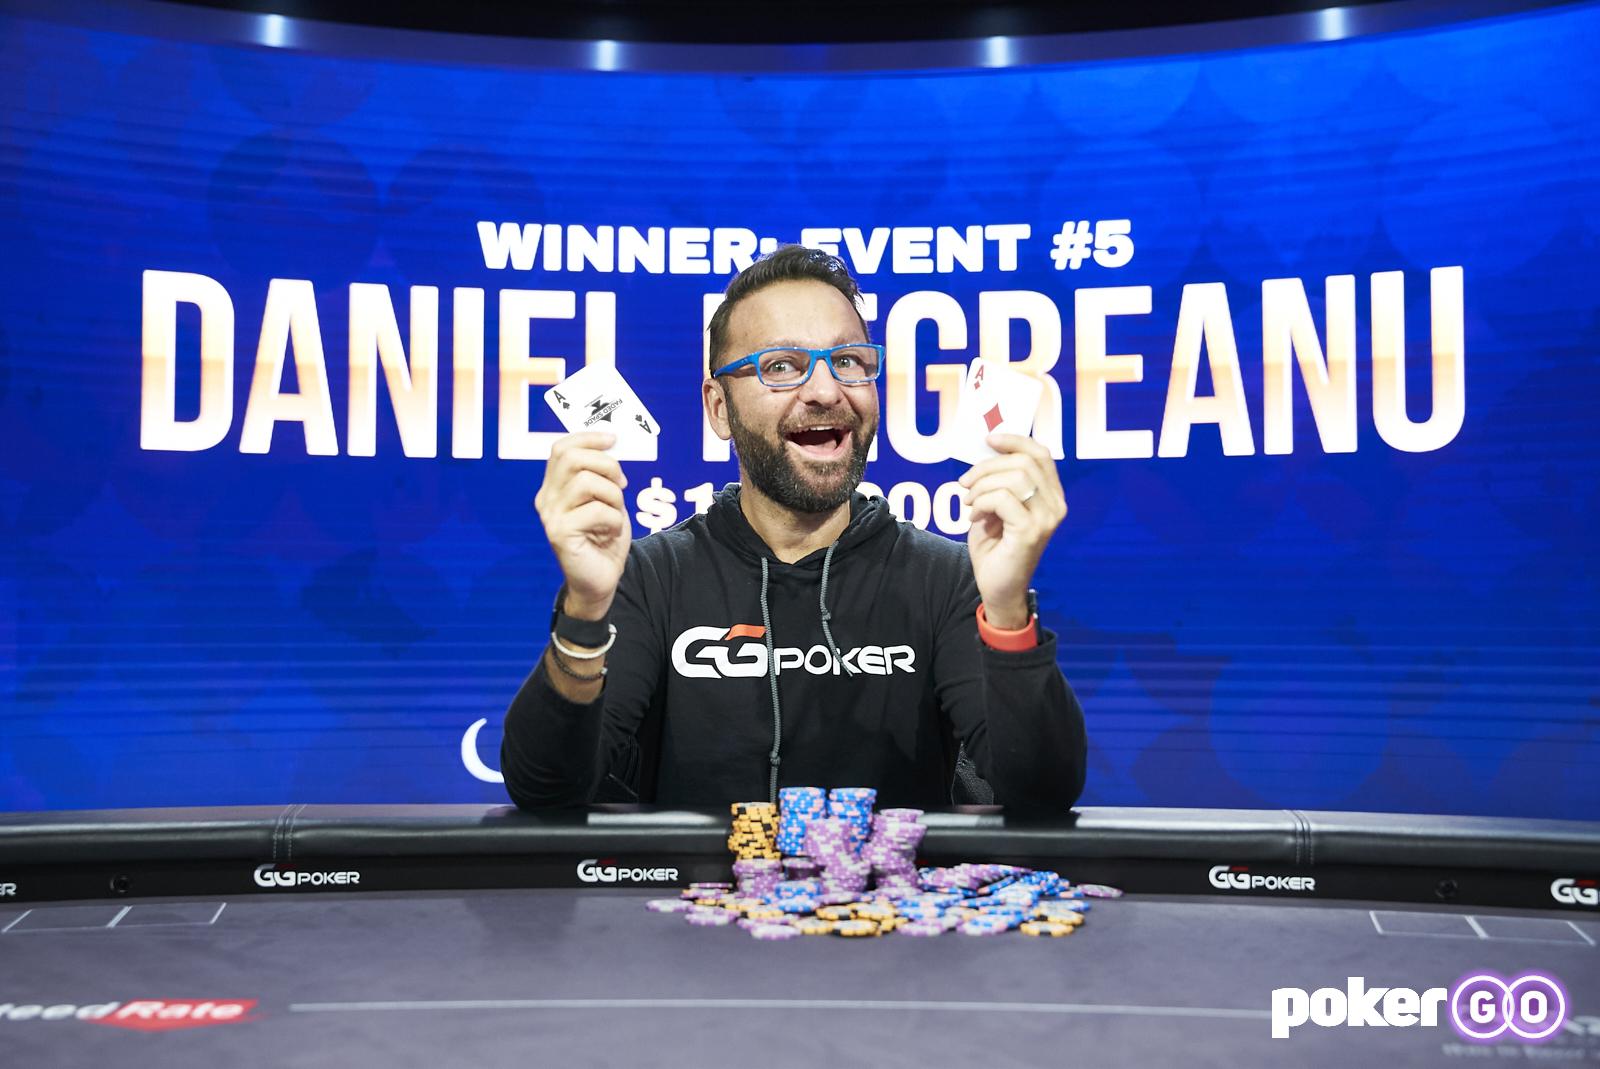 Poker Masters 2021 - Daniel Negreanu wint event #5